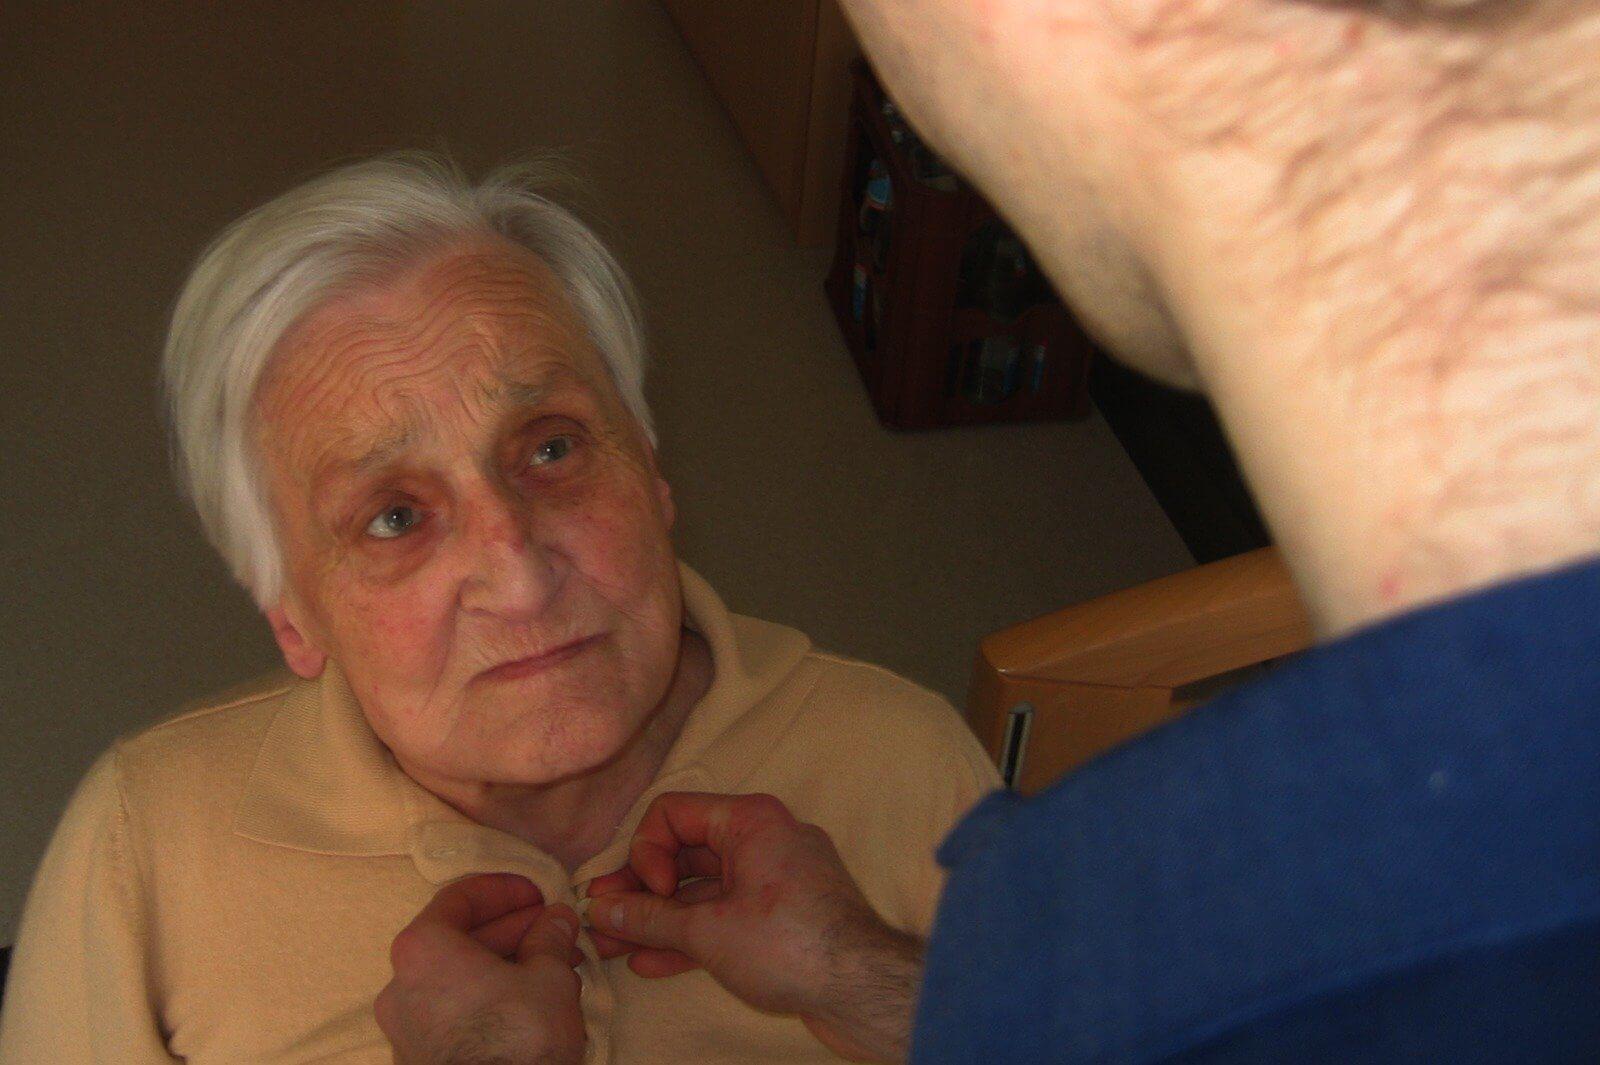 Pflege-Pauschbetrag: Rechtlicher Betreuer hat grundsätzlich keinen Anspruch